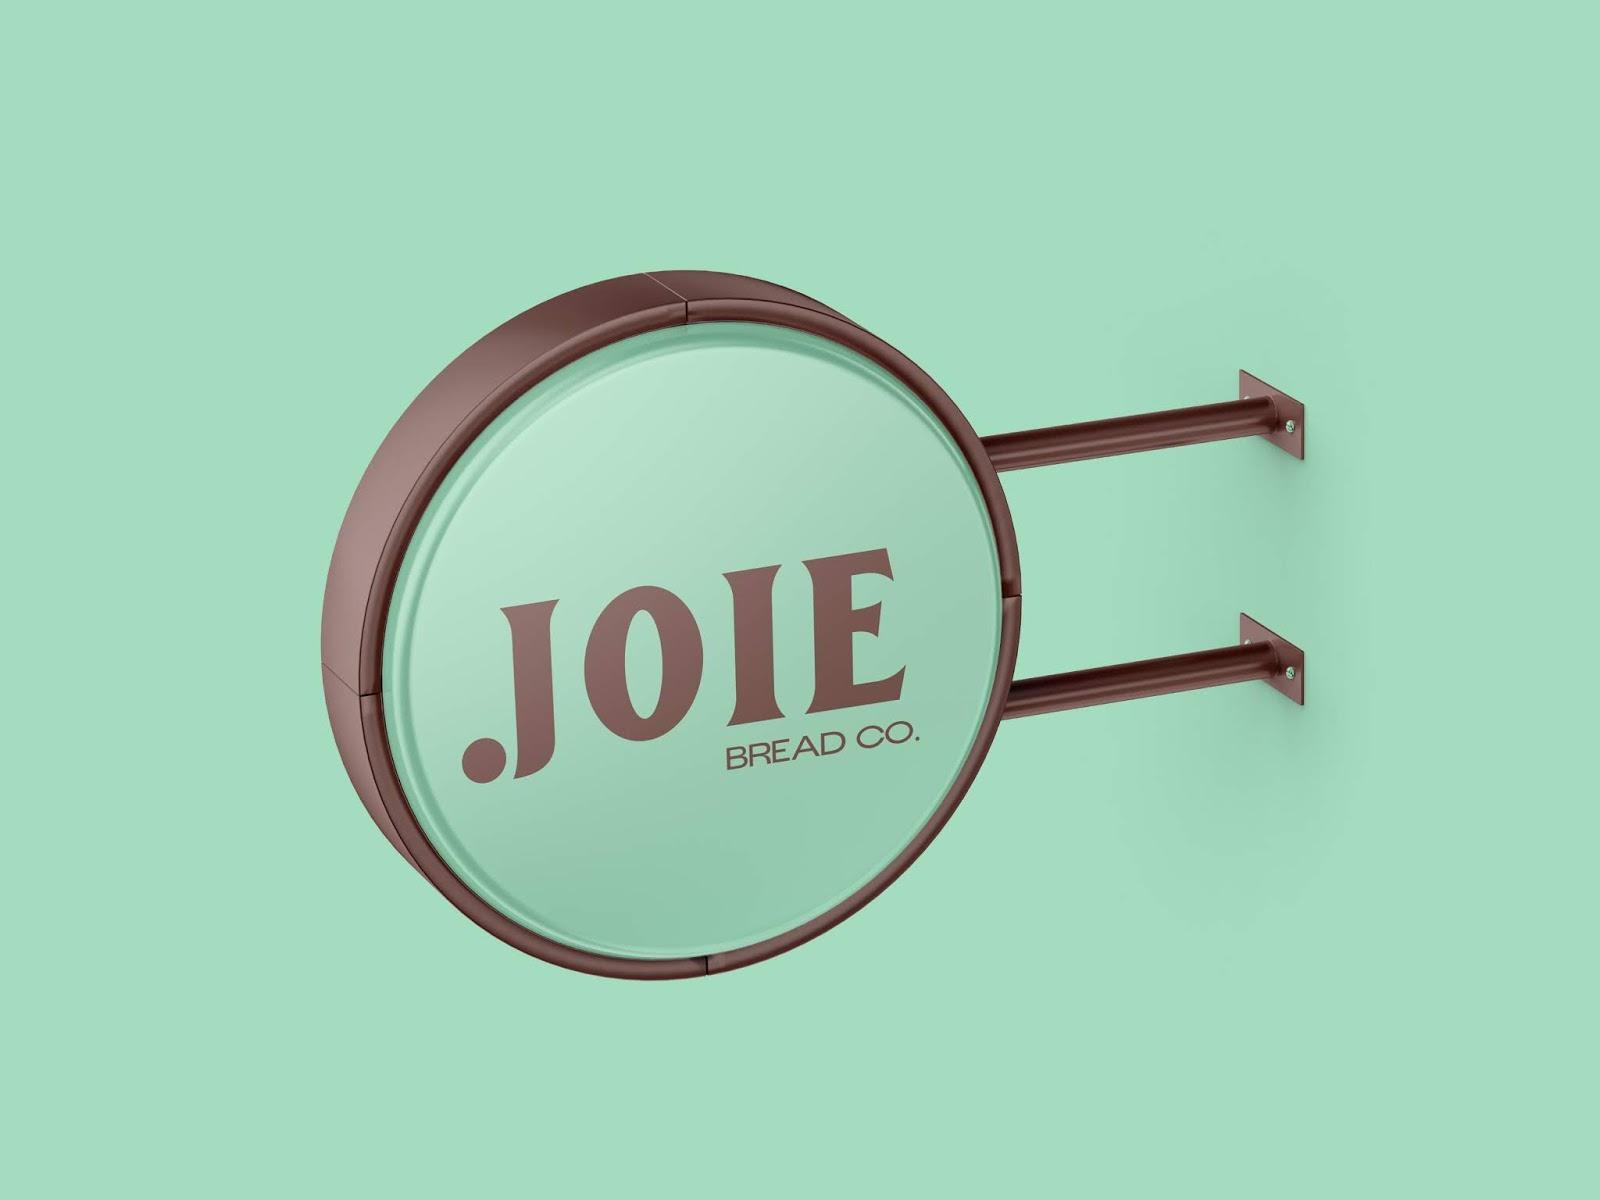 Joie-咖啡店灯箱